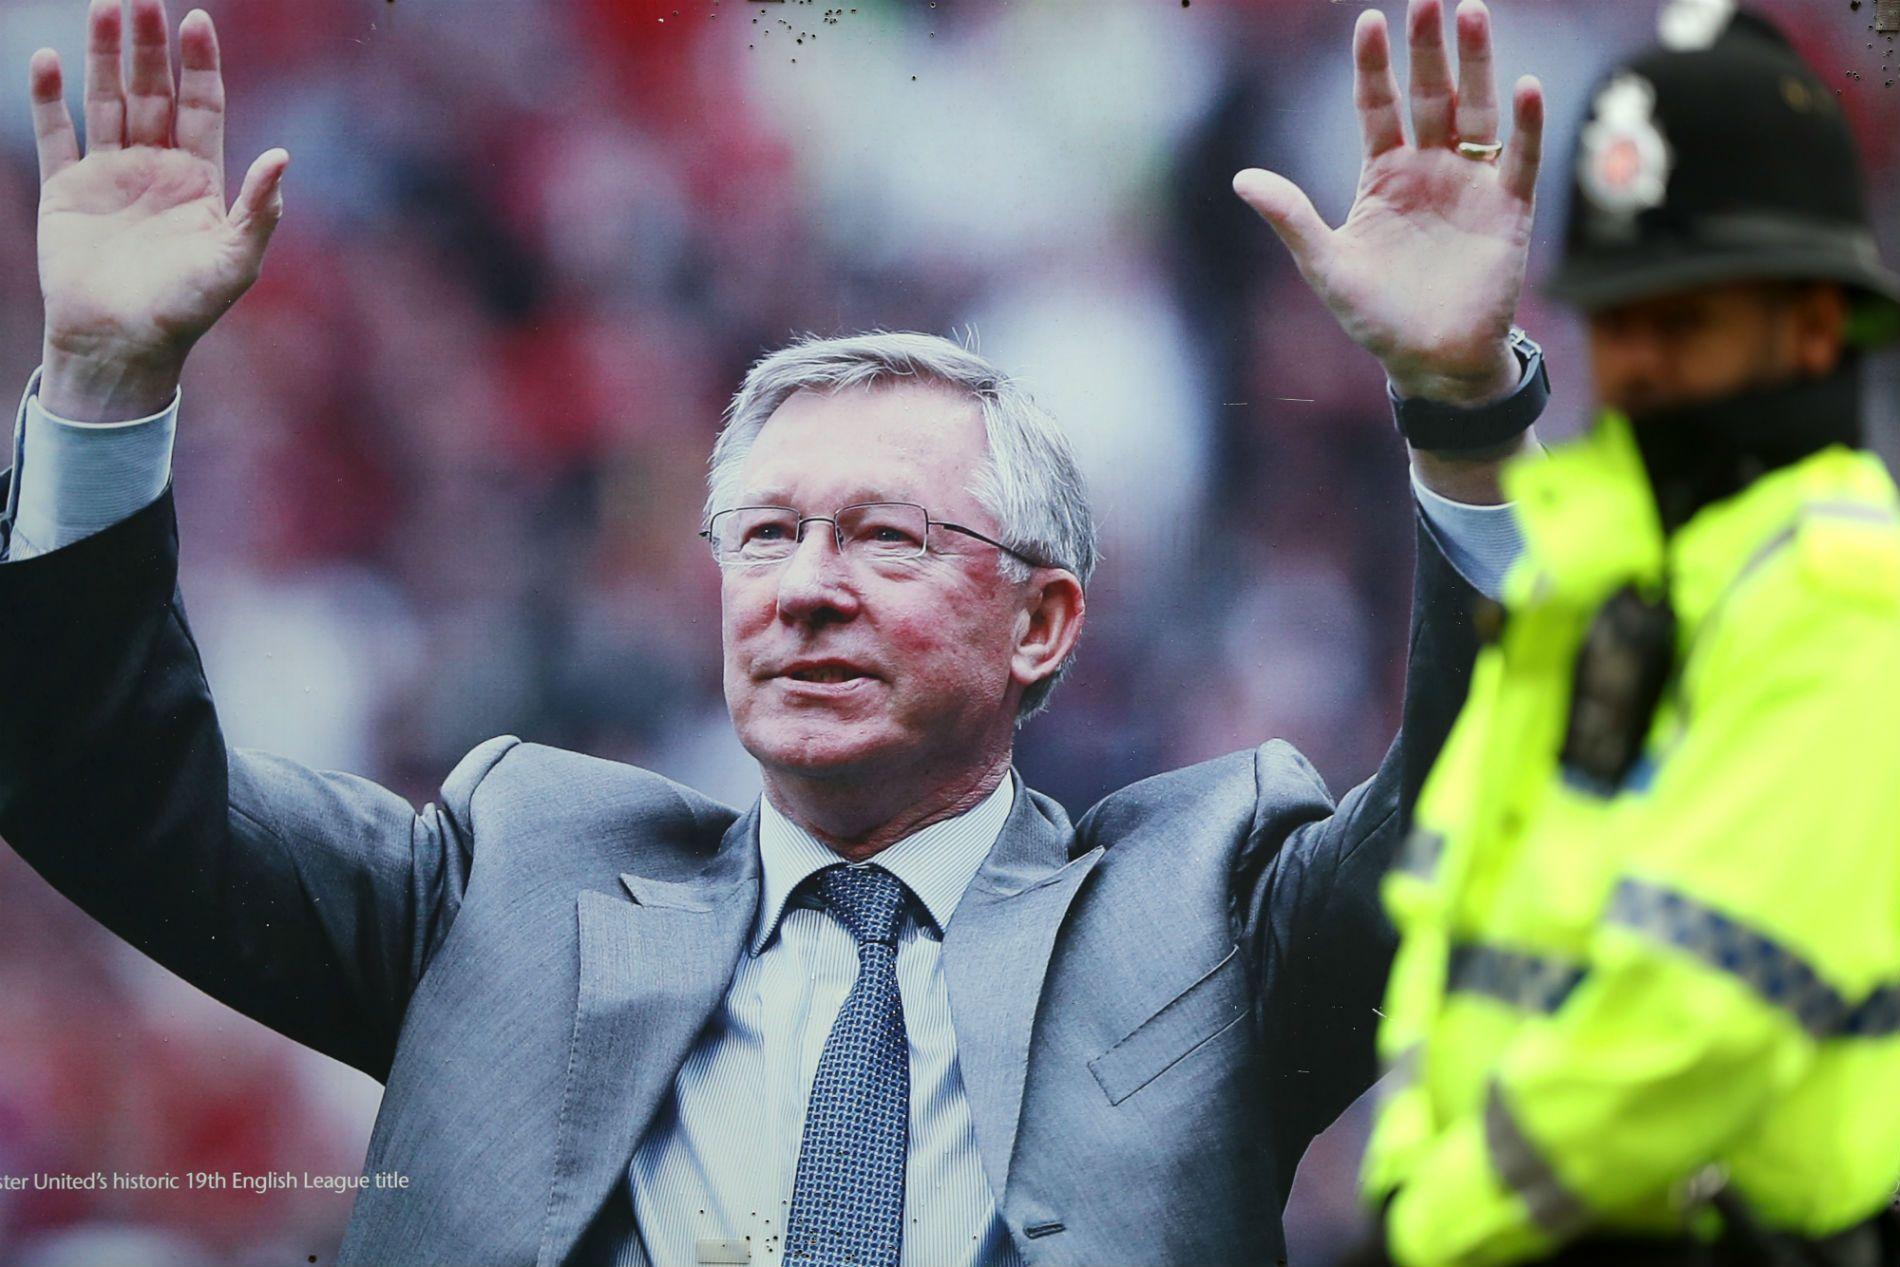 2. Алекс Фъргюсън - човекът, който олицетворява успехът на Манчестър Юнайтед и превръщането му в един от най-великите клубове. Прекарва 26 години в тима, печели 38 трофея. Преди това извежда шотландския Абърдийн до европейска слава.